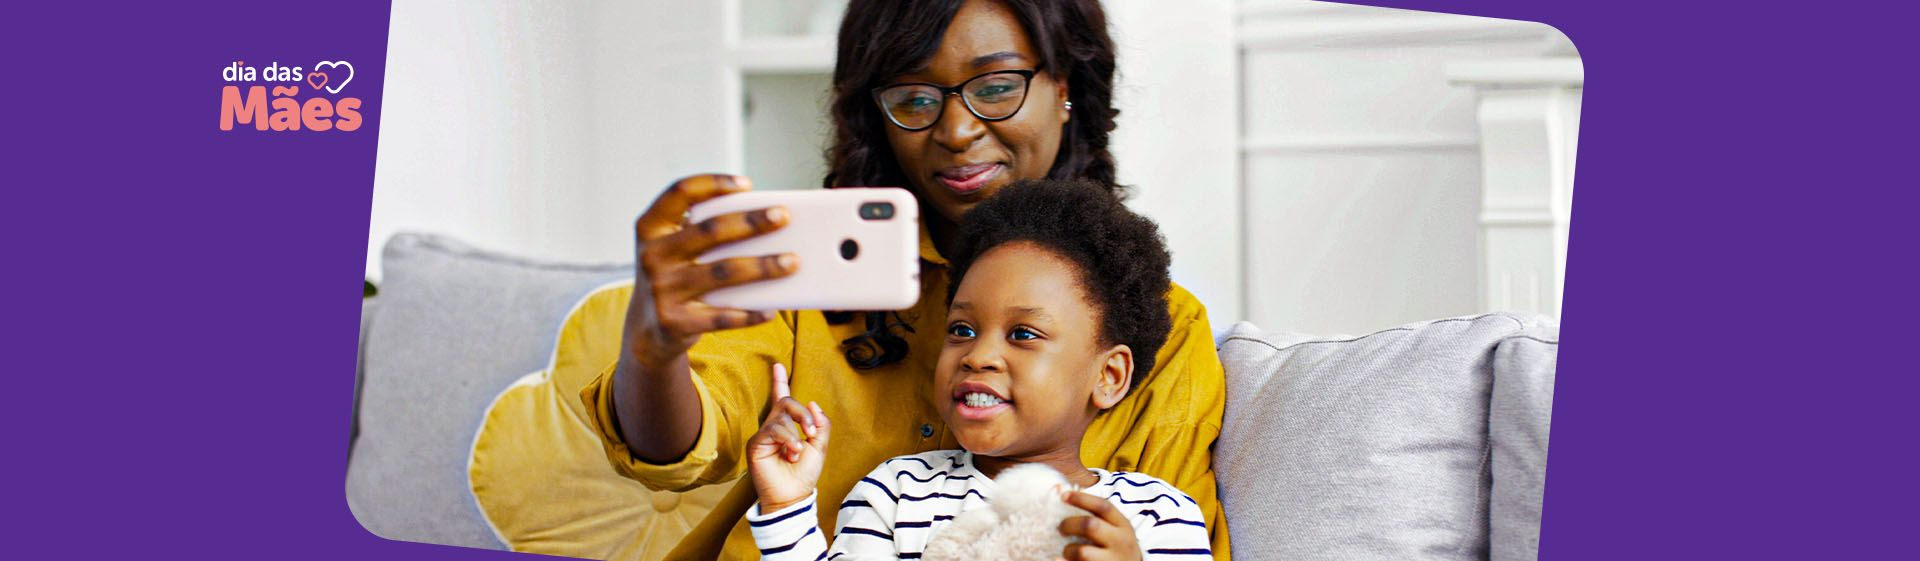 Os melhores celulares para o Dia das Mães: confira a nossa lista